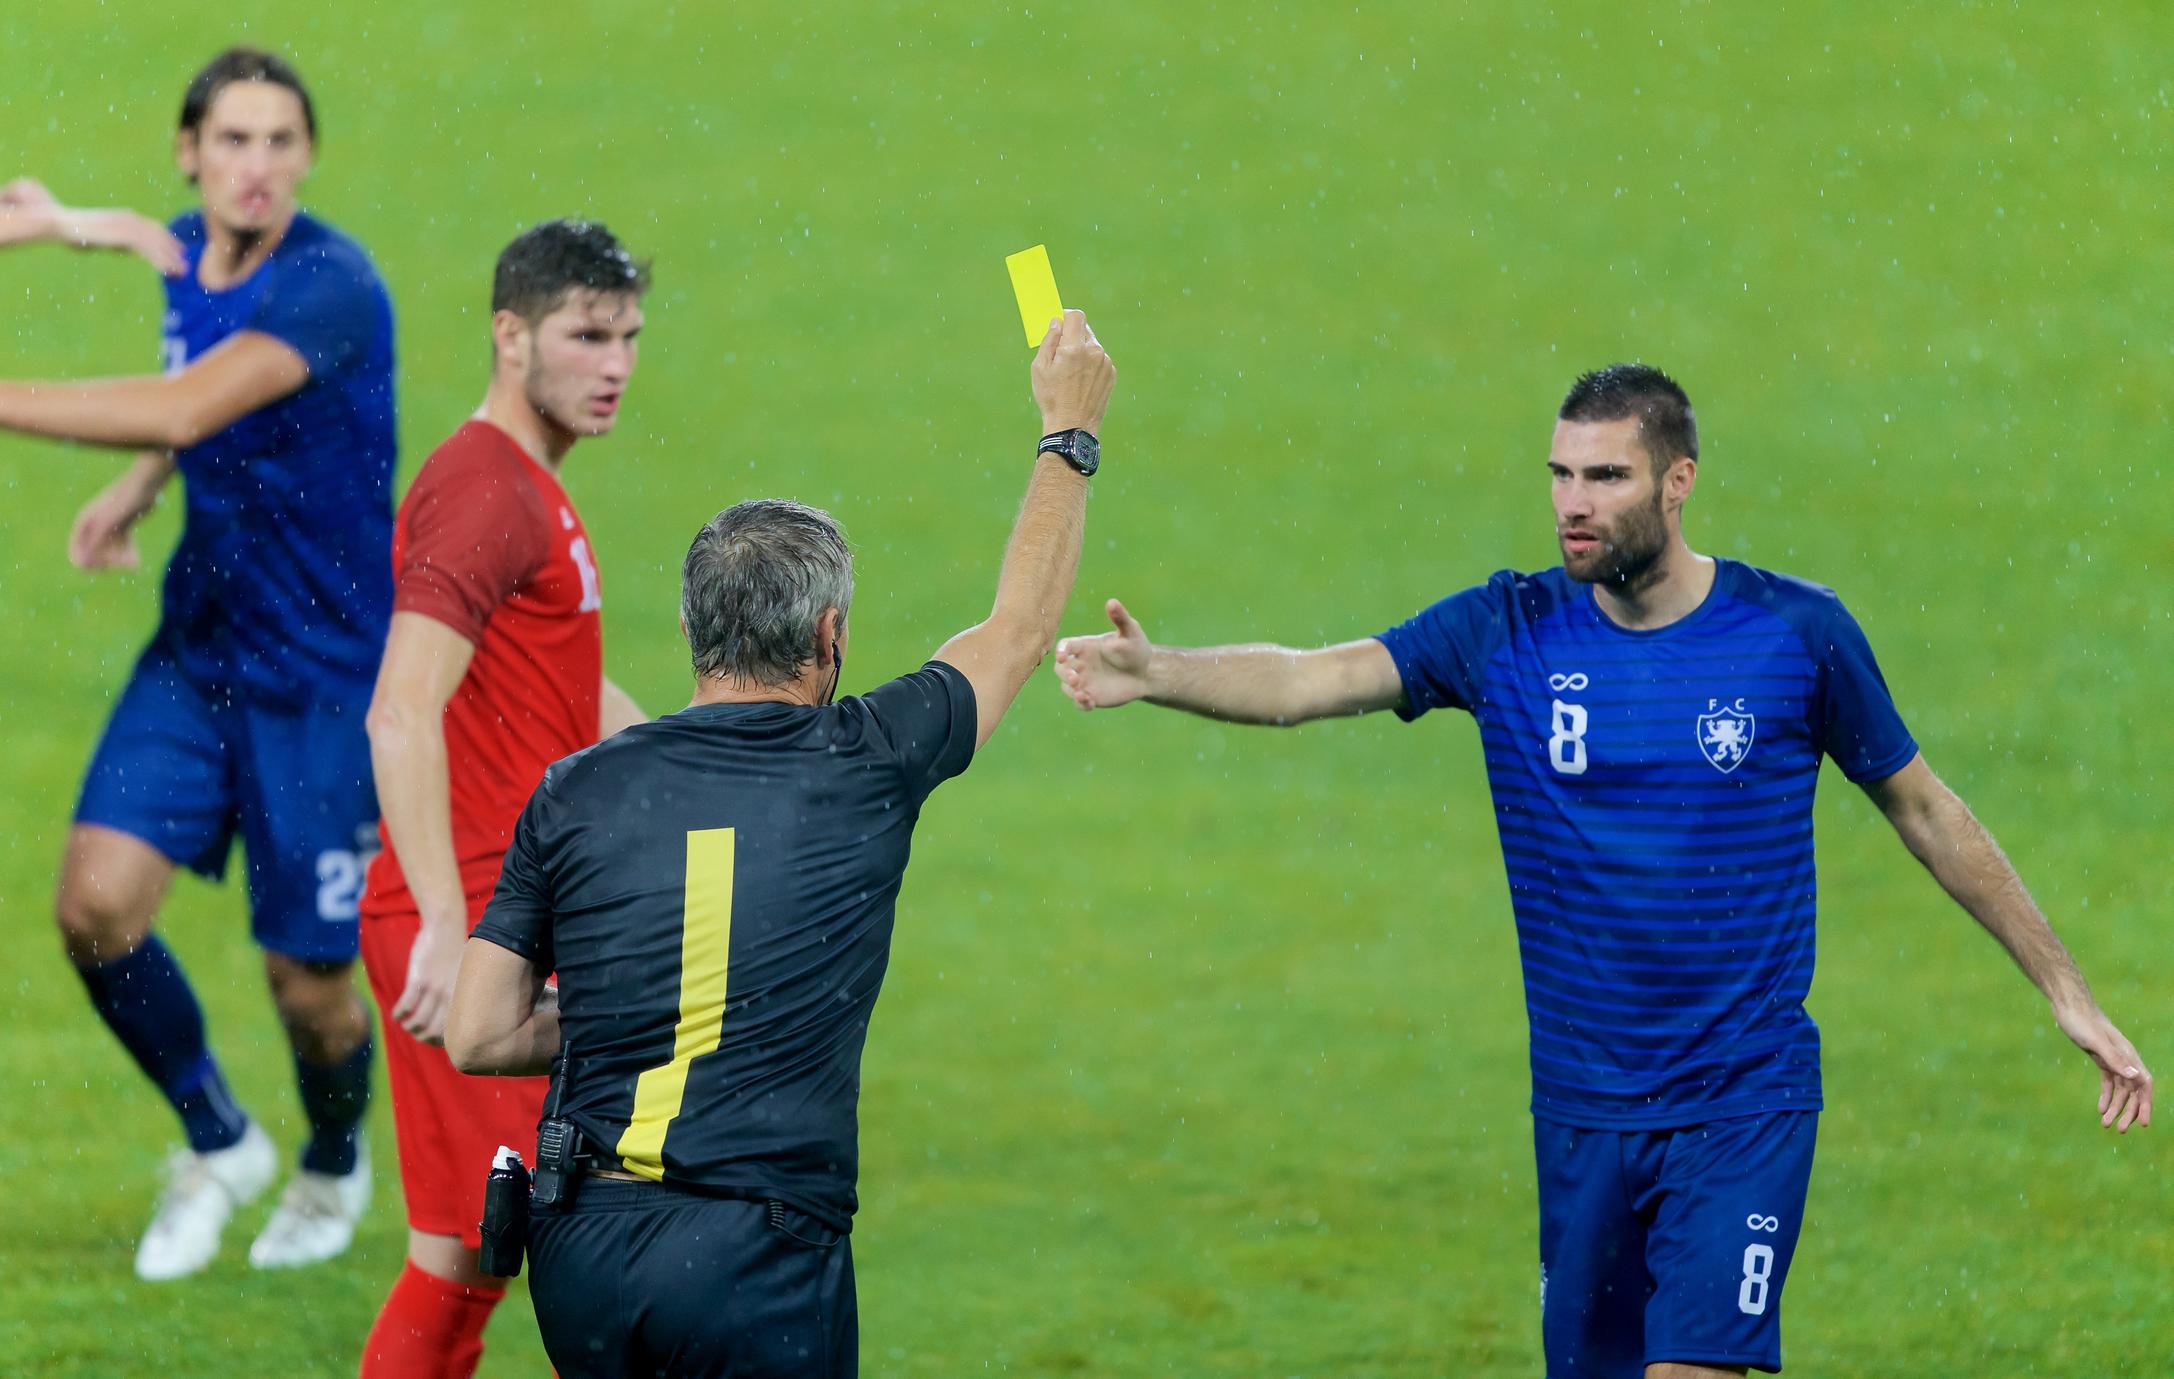 Regler inom fotbollen